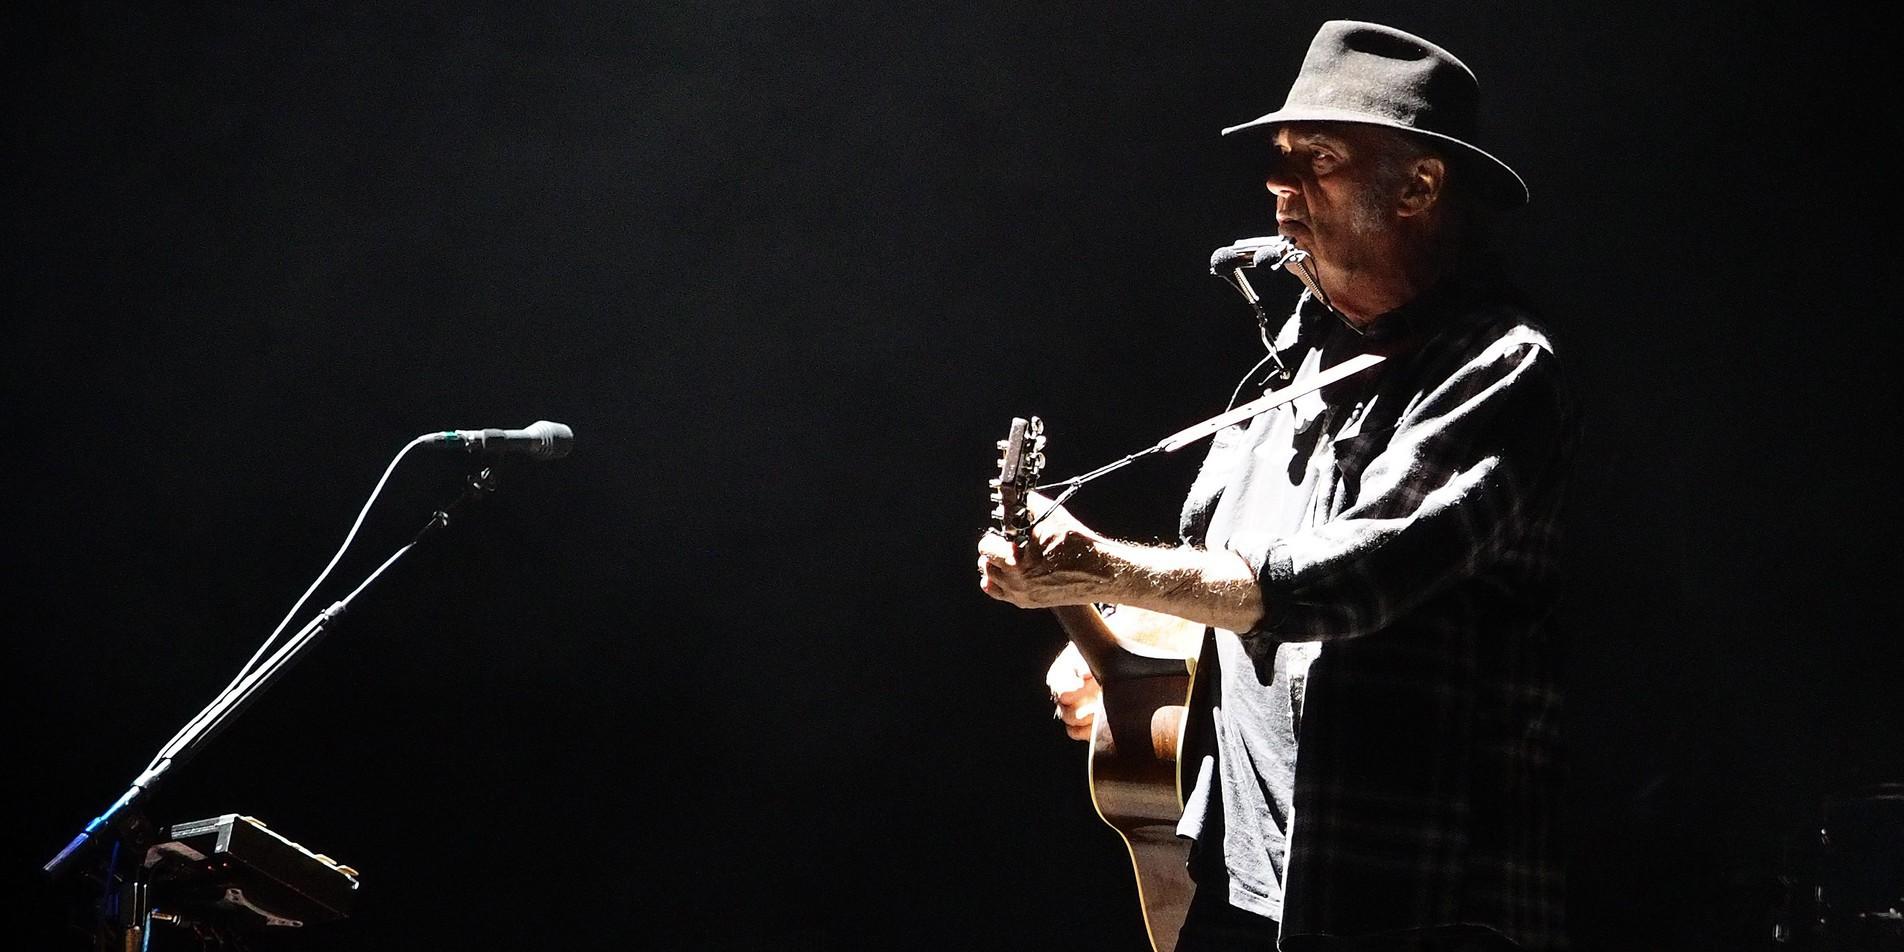 ©PHOTOPQR/VOIX DU NORD/LEFEBVRE - Concert de Neil young au Zenith de lille. Le 13/06/2016. Photo Christophe Lefebvre. La Voix Du Nord. (MaxPPP TagID: maxnewsspecial051850.jpg) [Photo via MaxPPP]